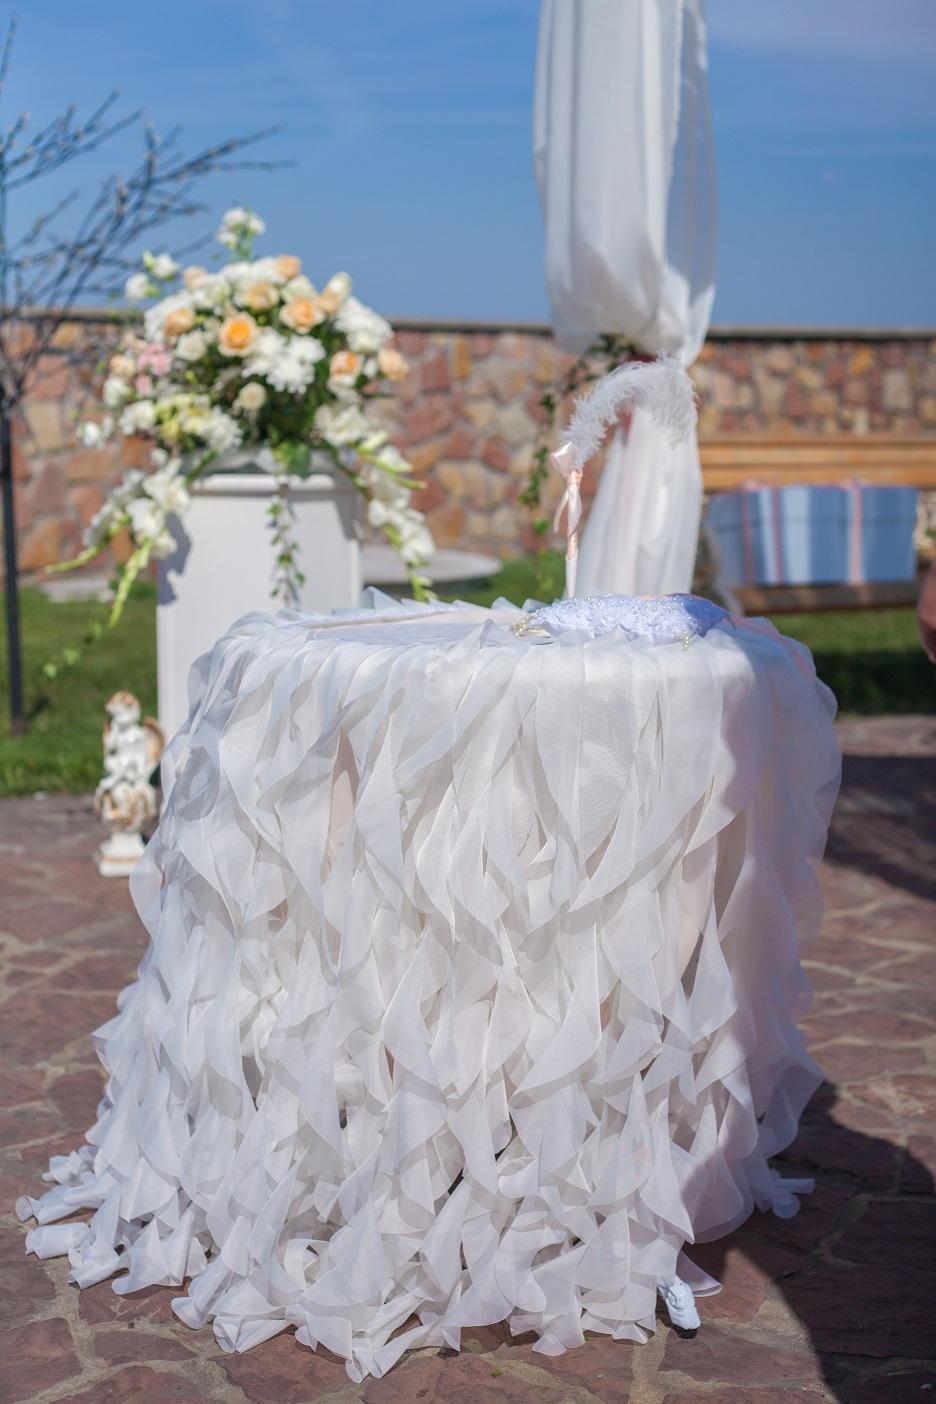 Пудрове весілля,01-08-15, Шато-Рояль (25)